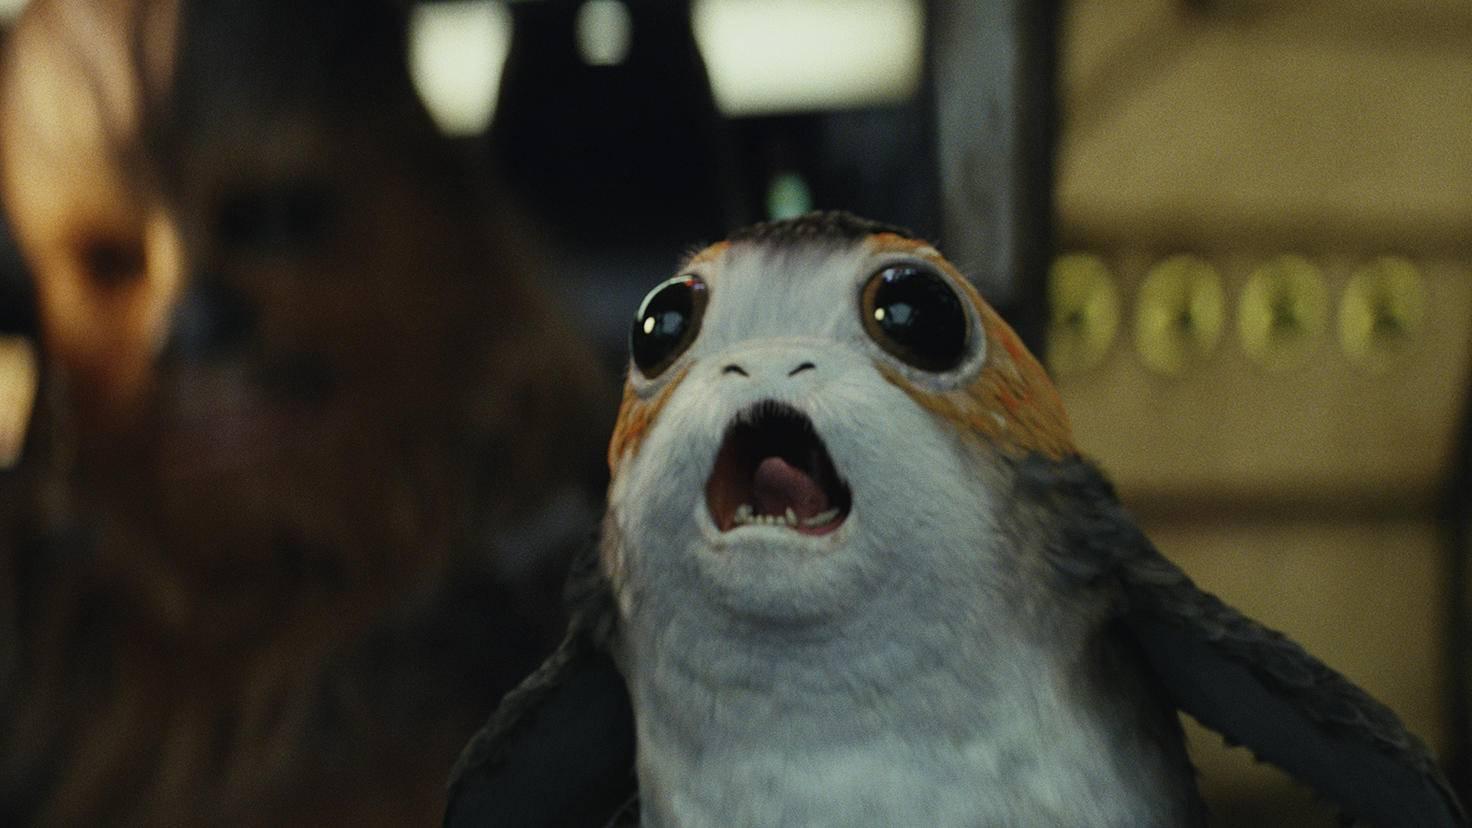 """Direkt mit ihrem ersten Auftritt im Trailer haben die Porgs die Herzen der """"Star Wars""""-Fans im Sturm erobert."""